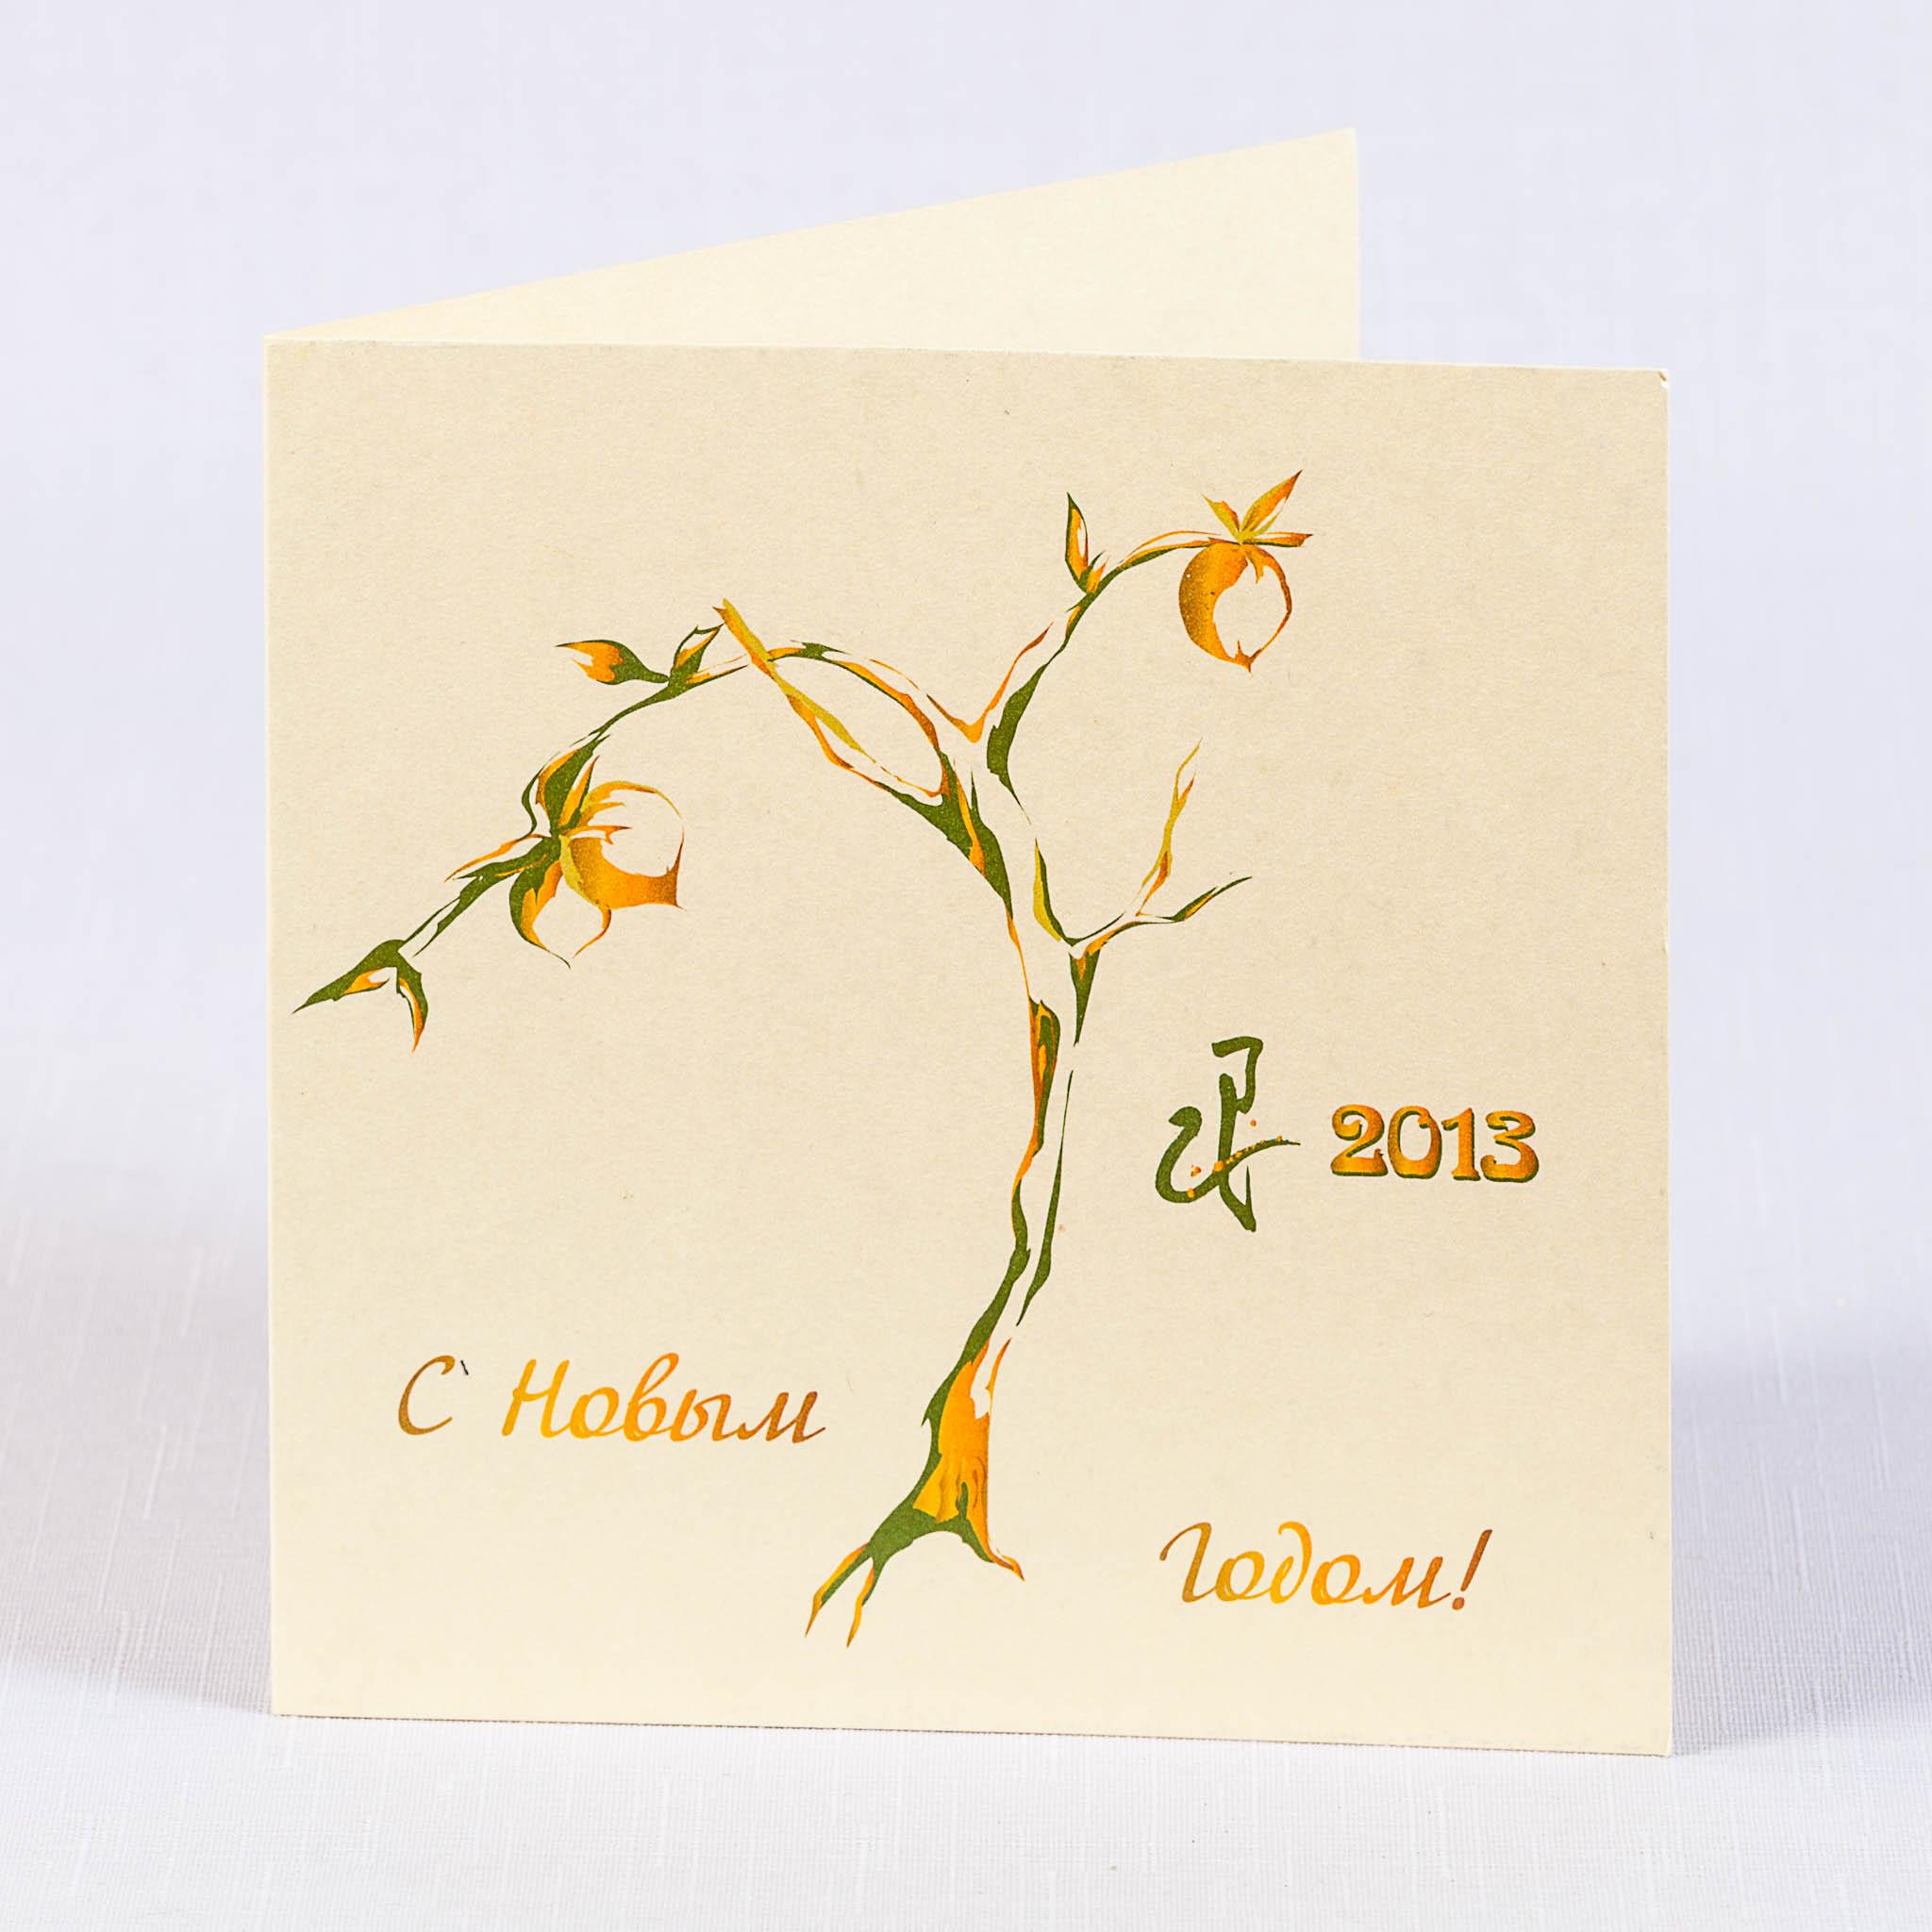 Открытка с Новому году из золотистого маджестика